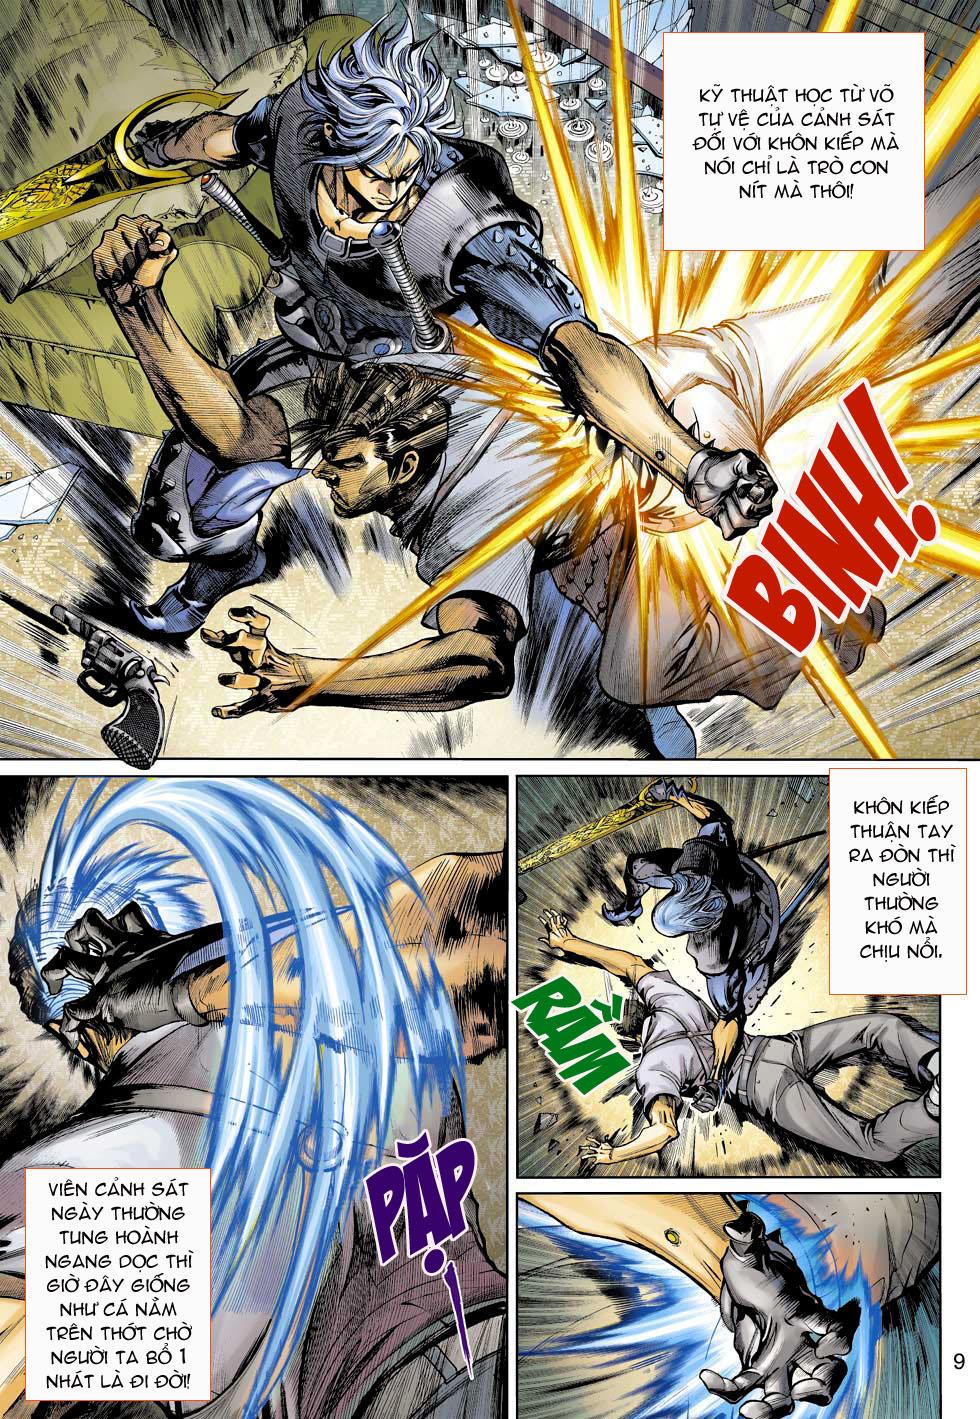 Thần Binh 4 chap 3 - Trang 9